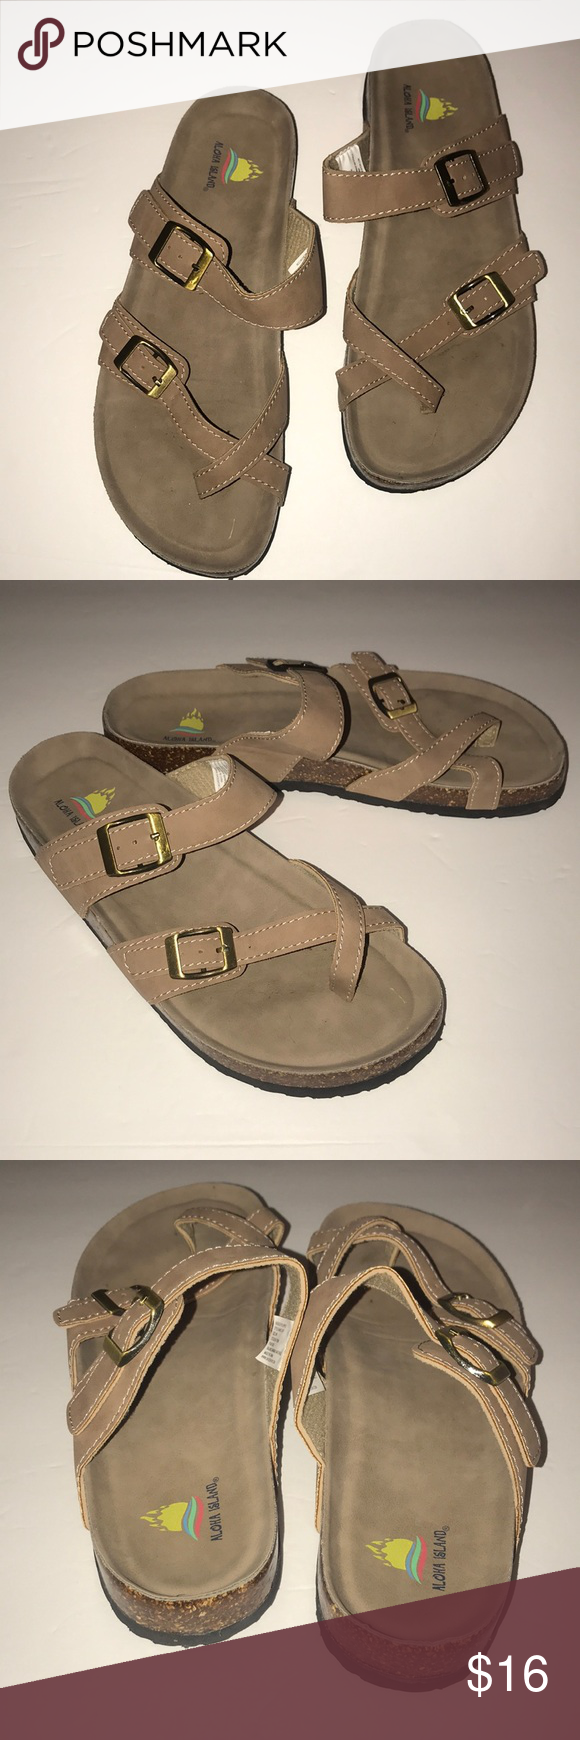 60e4972bf Aloha Island Sandals Like new condition Size 9 Sofi Sandals Aloha Island  Shoes Sandals